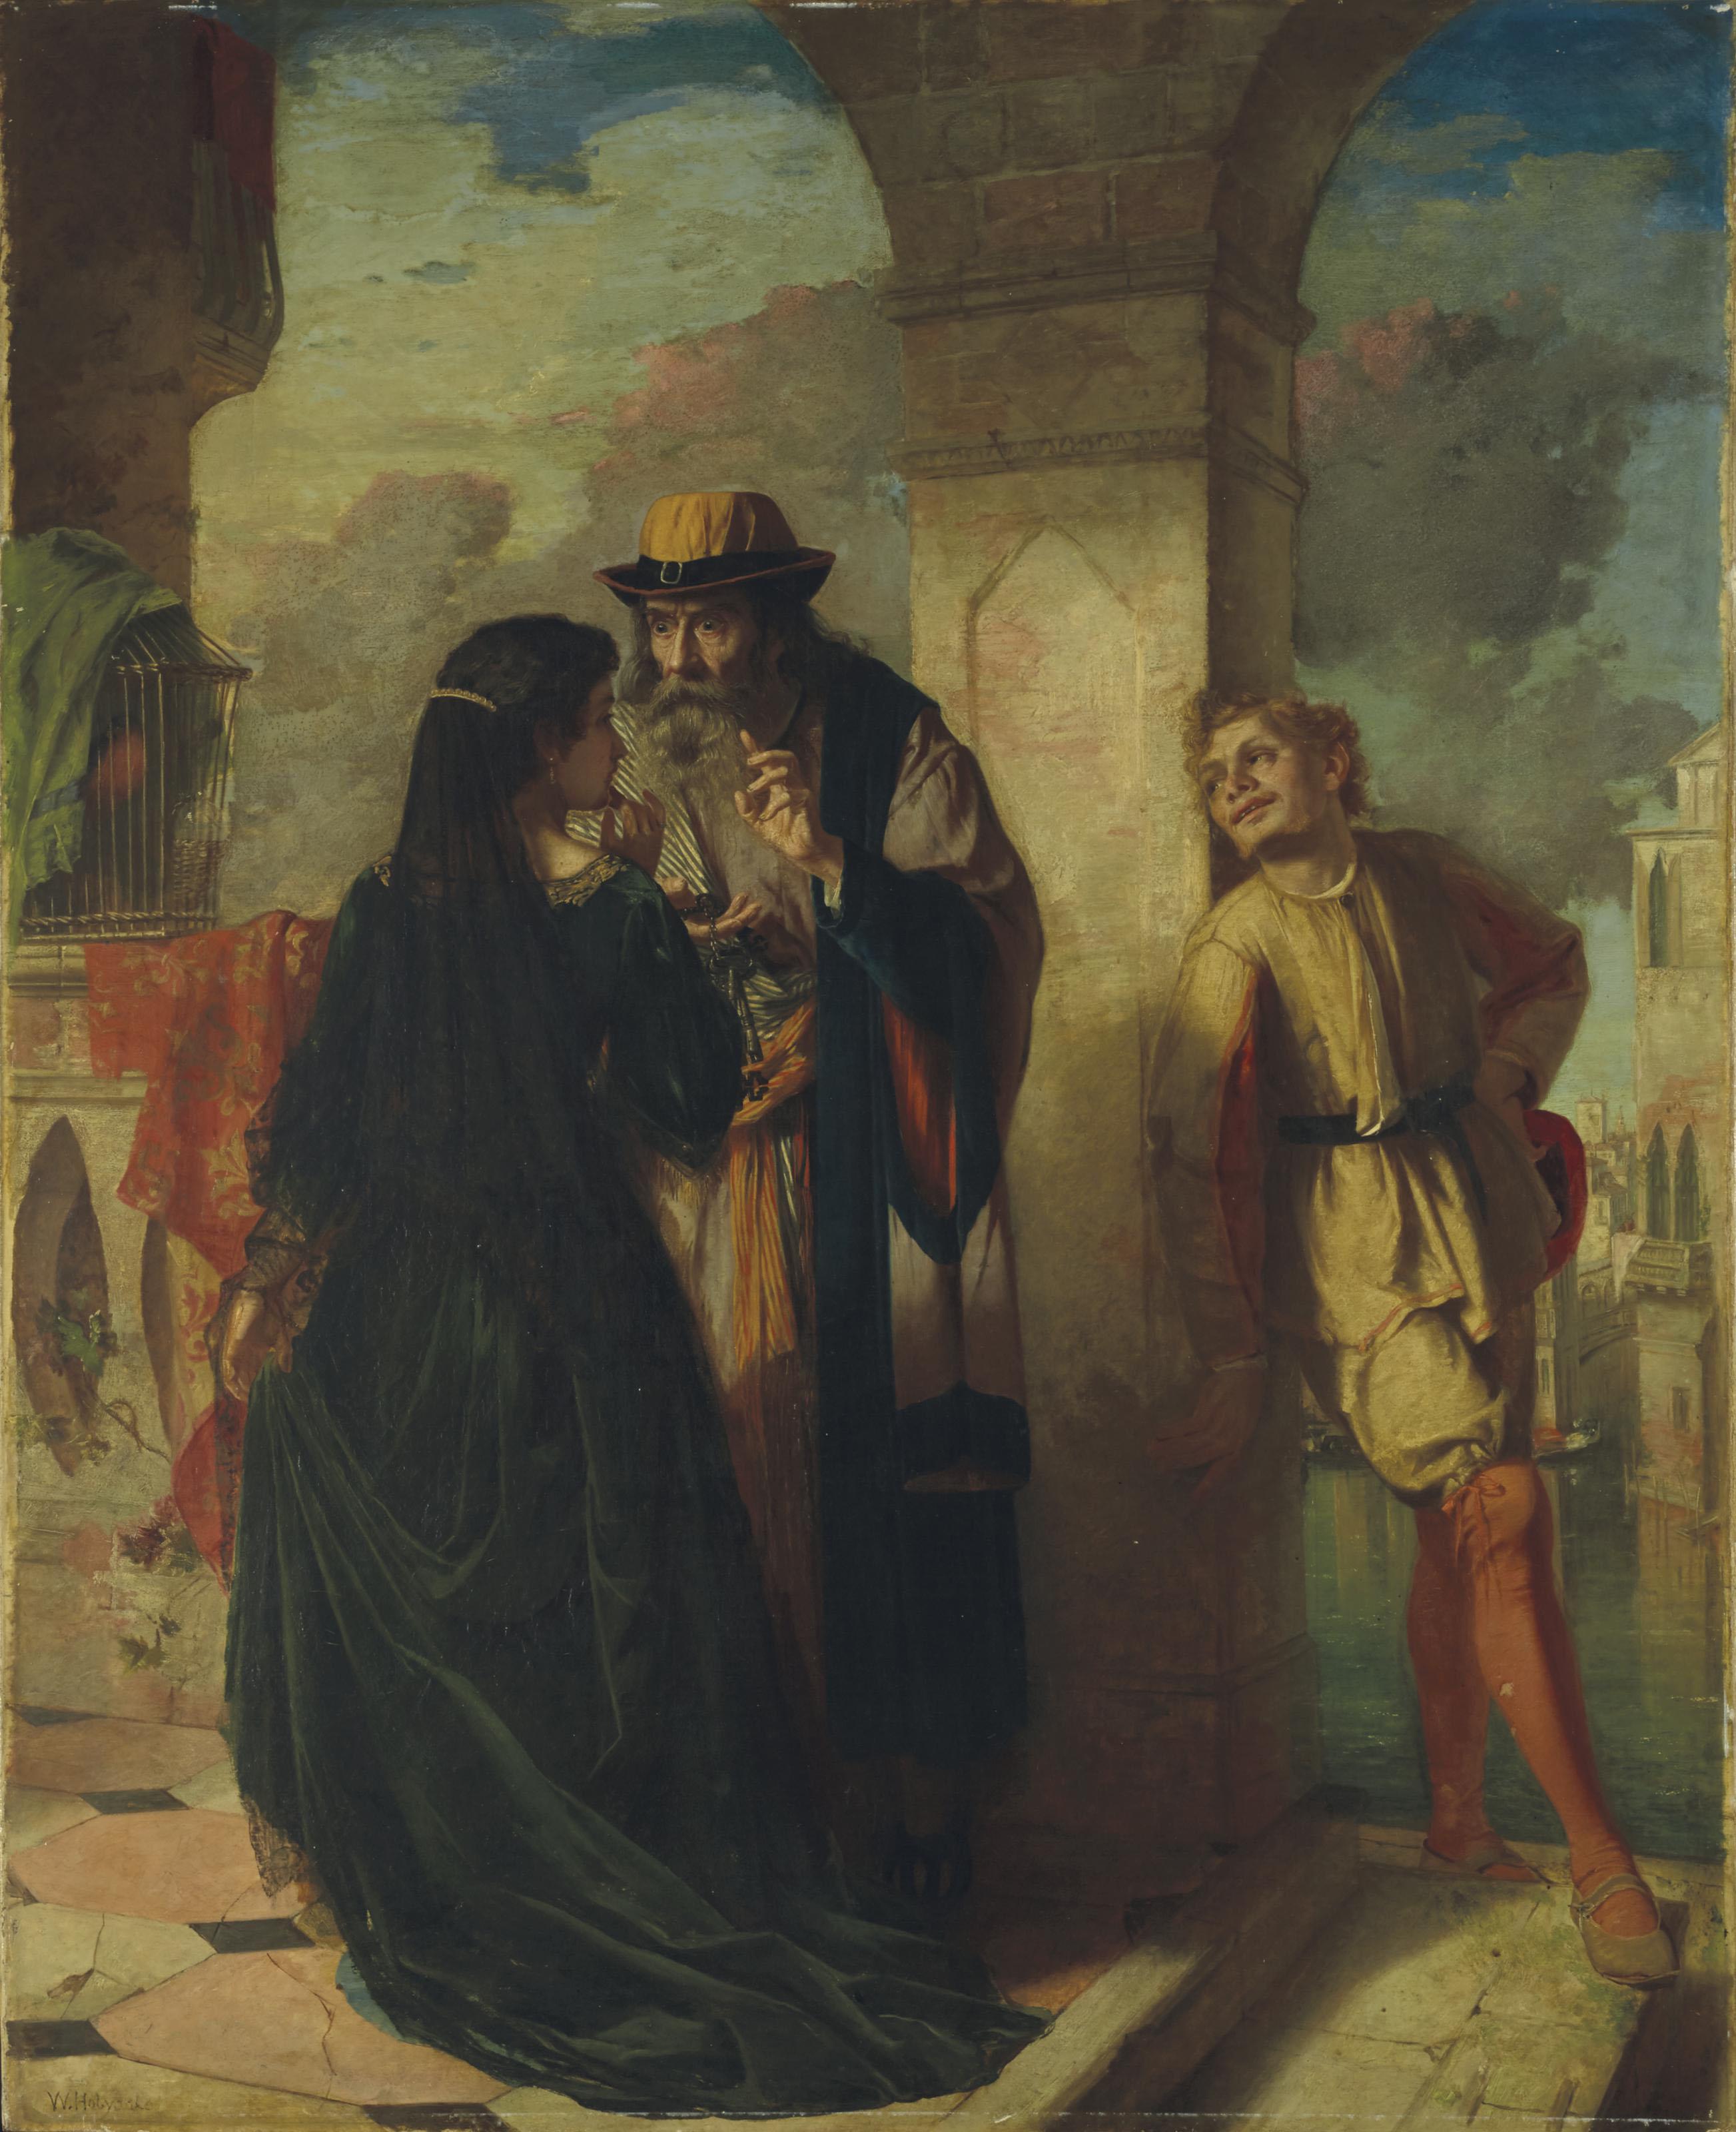 'Le marchand de Venise'